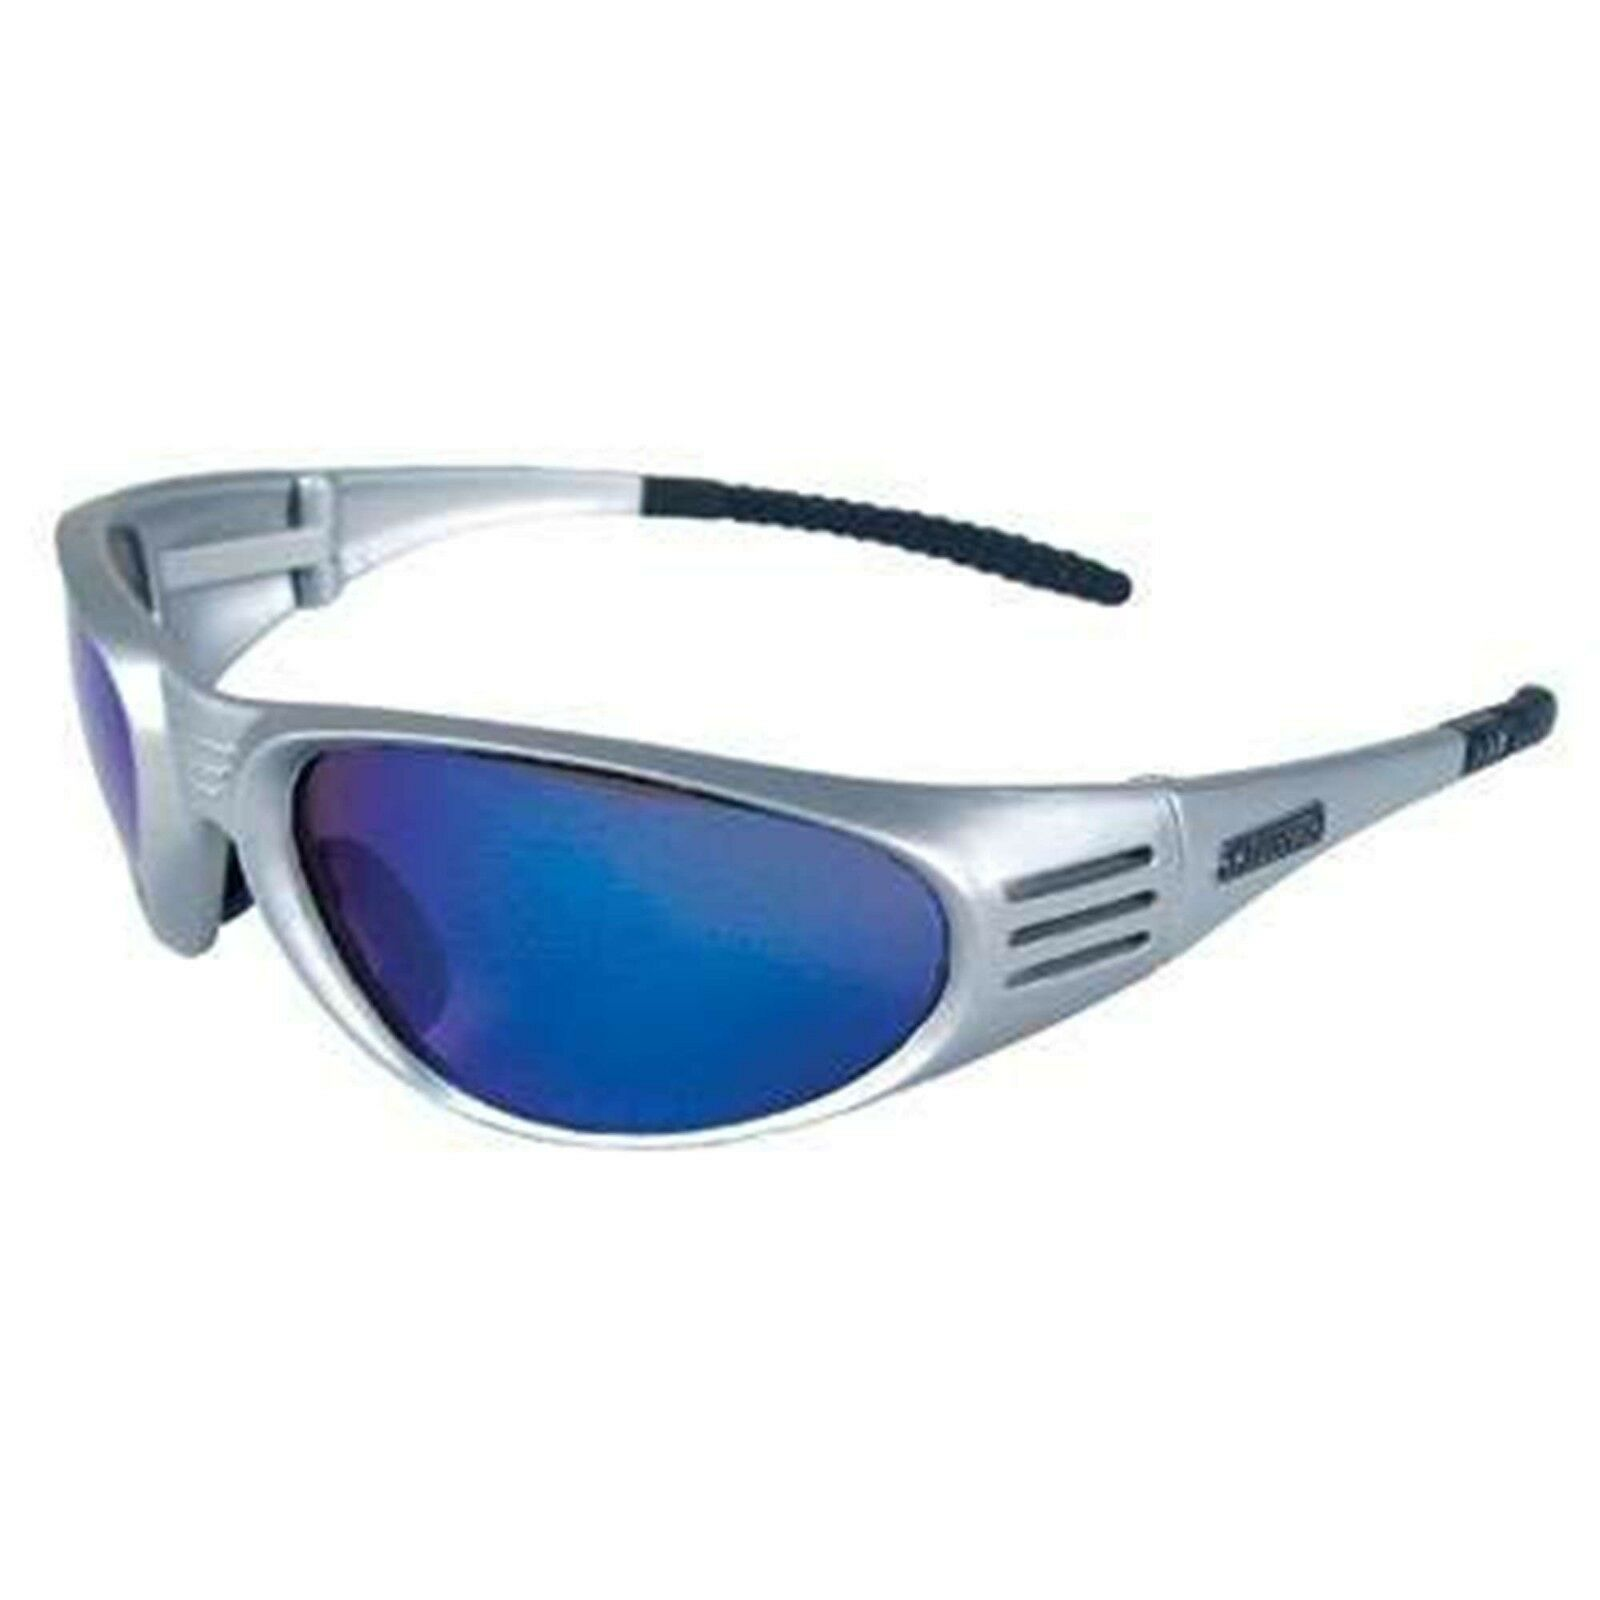 BBB Ventilator BSG-08 Pearl Maroon Sunglasses New In Box